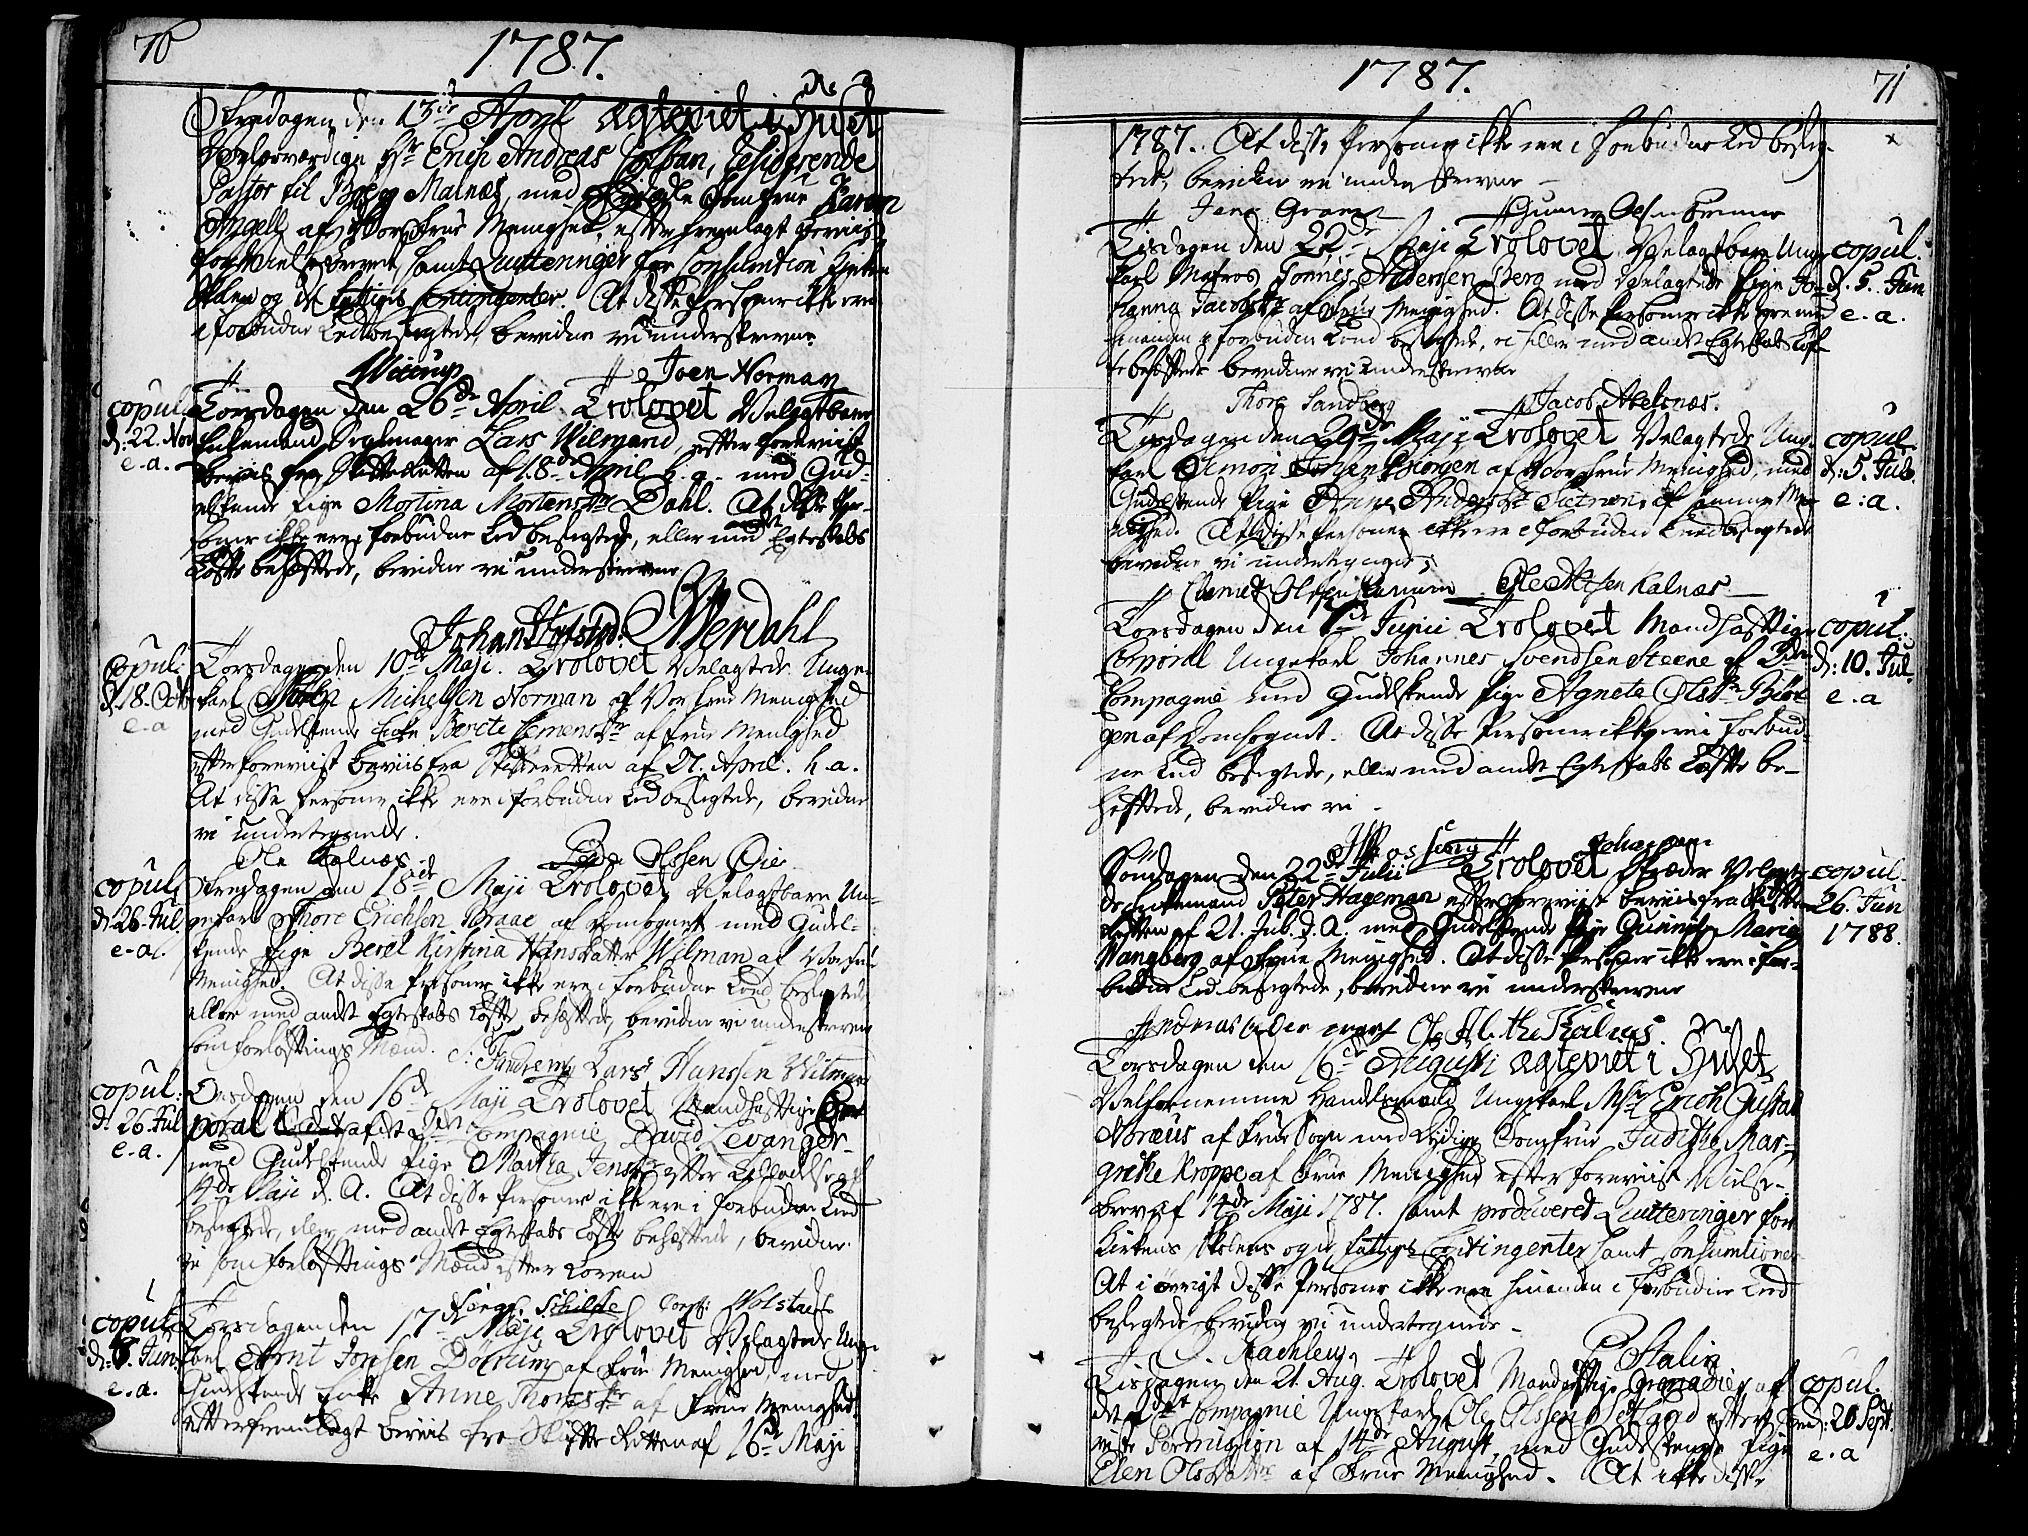 SAT, Ministerialprotokoller, klokkerbøker og fødselsregistre - Sør-Trøndelag, 602/L0105: Ministerialbok nr. 602A03, 1774-1814, s. 70-71